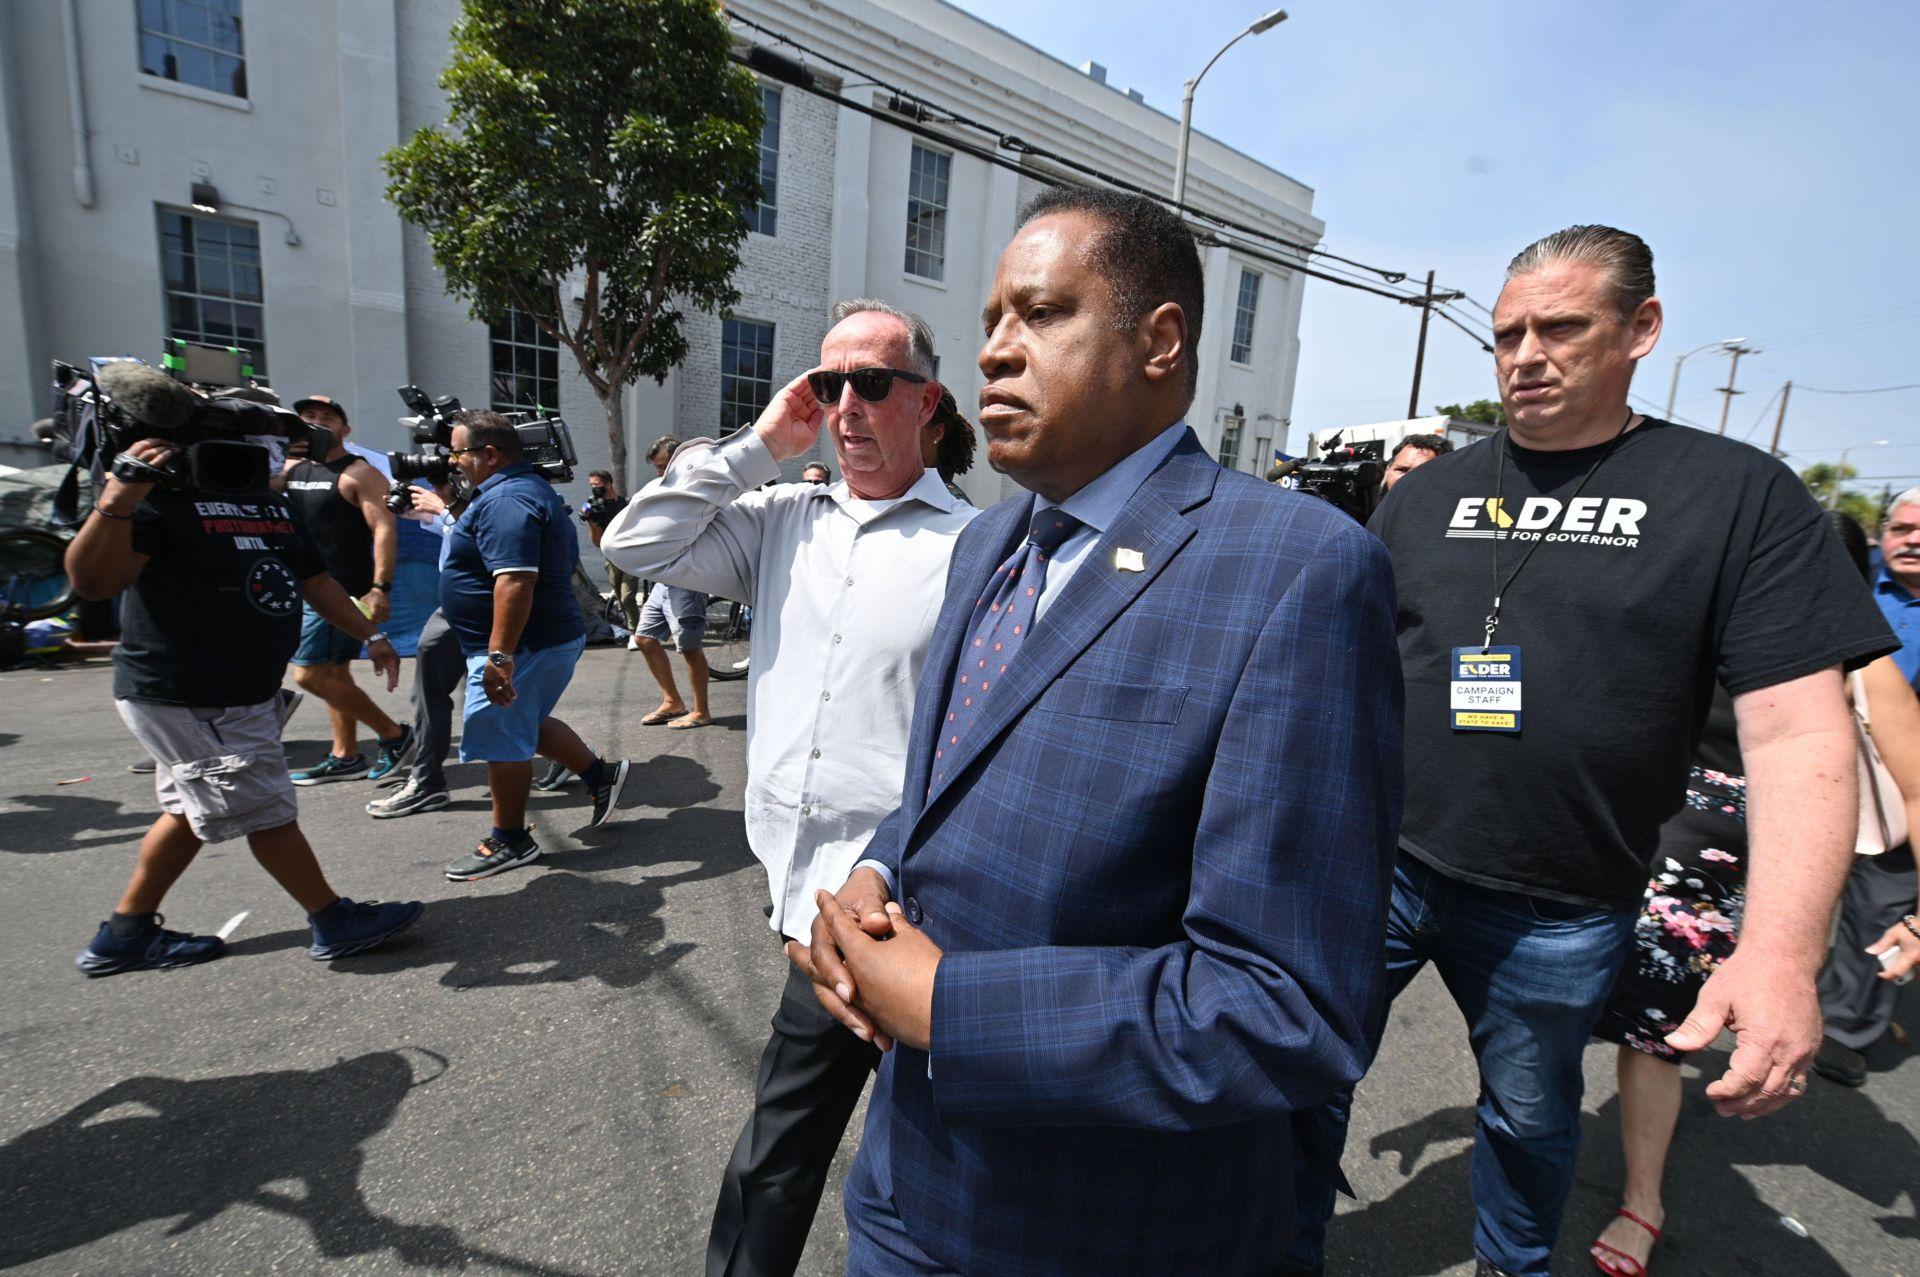 Bị ném trứng, Larry Elder rút ngắn chuyến thăm khu 'homeless' ở Los Angeles